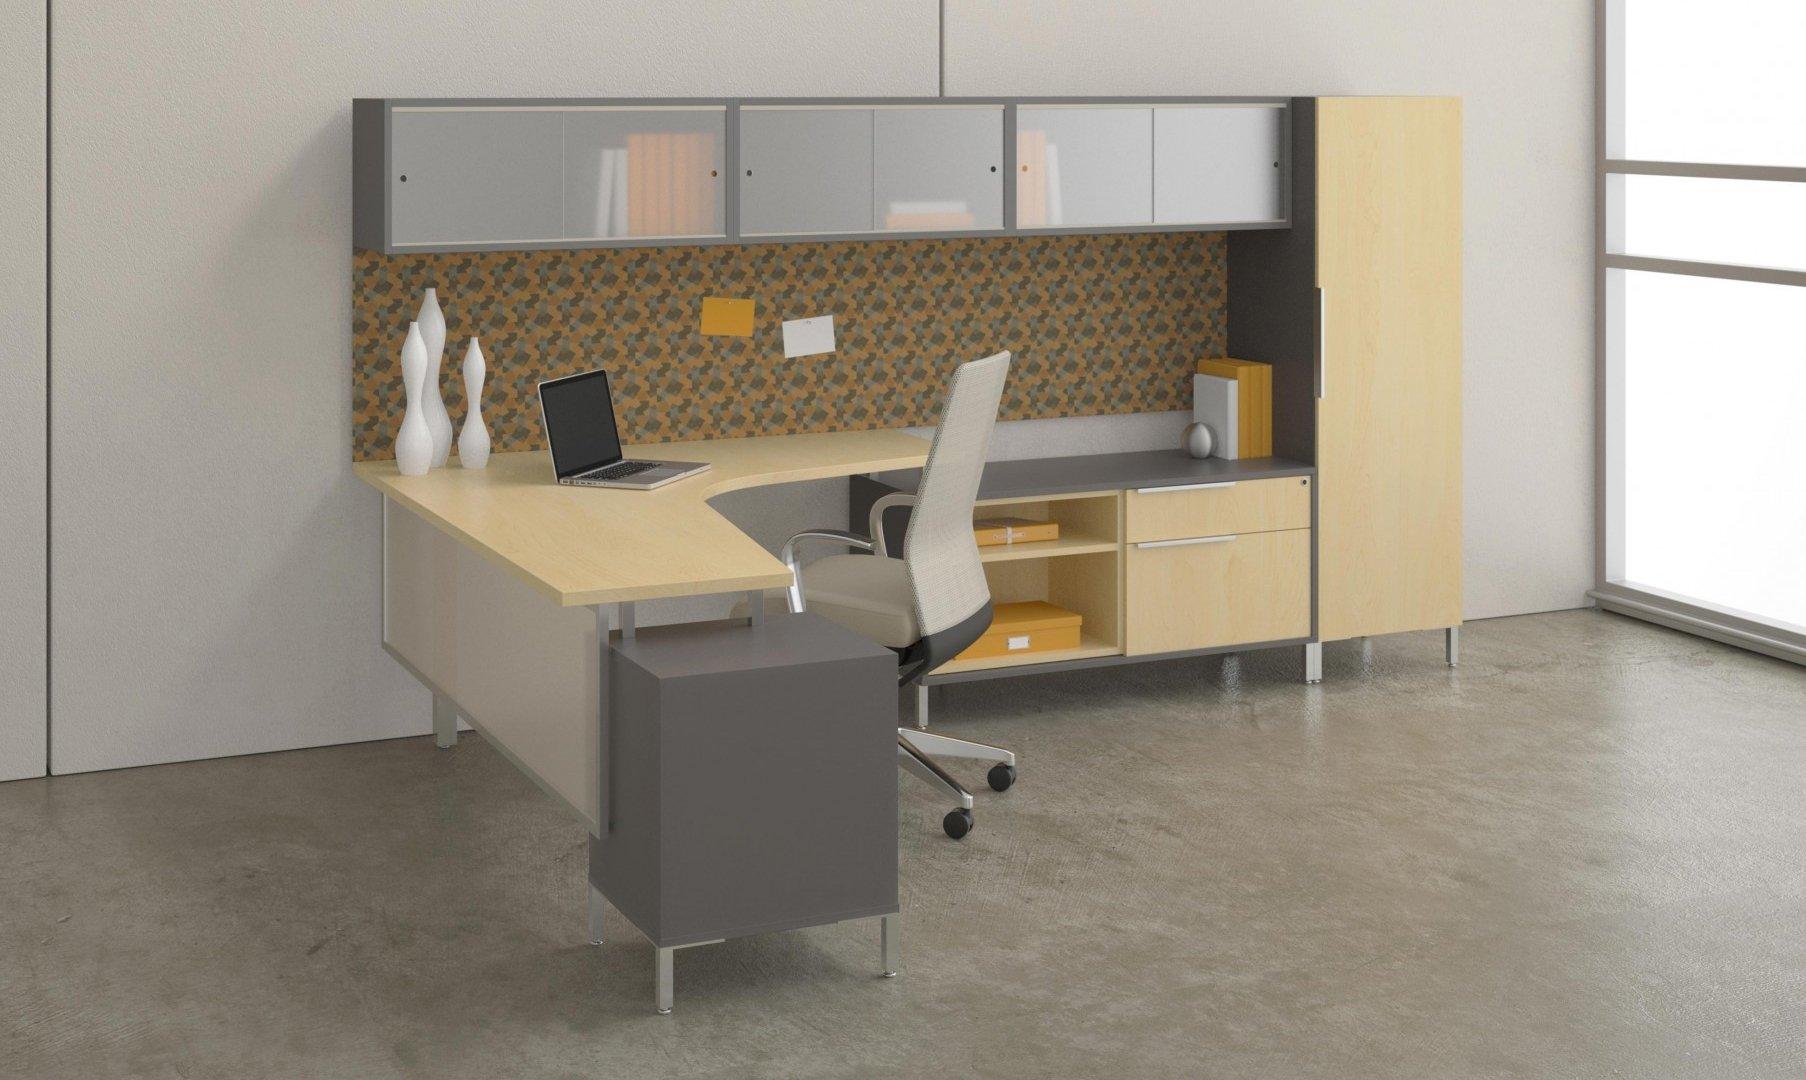 office desking. Modern Office Desk Furniture System With Light Wood Hues Desking